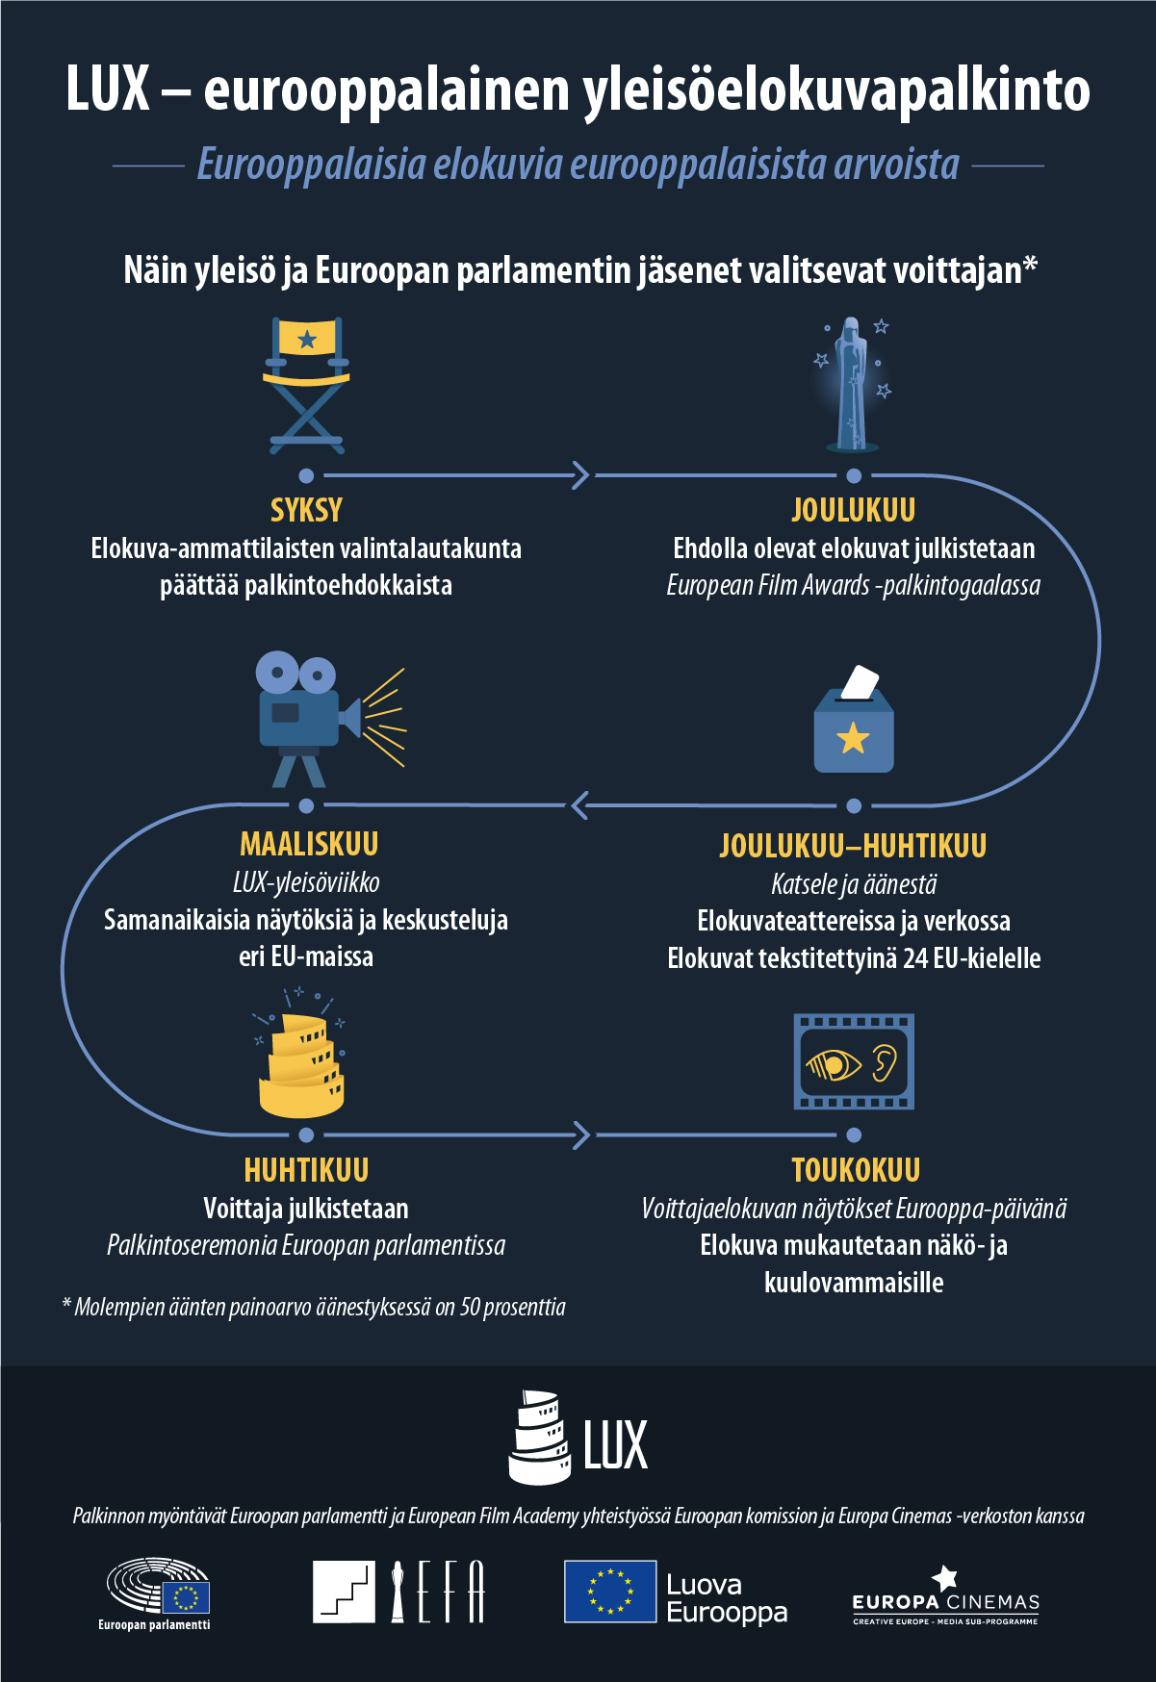 Infografiikka, joka esittää, miten yleisö ja Euroopan parlamentin jäsenet valitsevat LUX-yleisöelokuvapalkinnon saajan